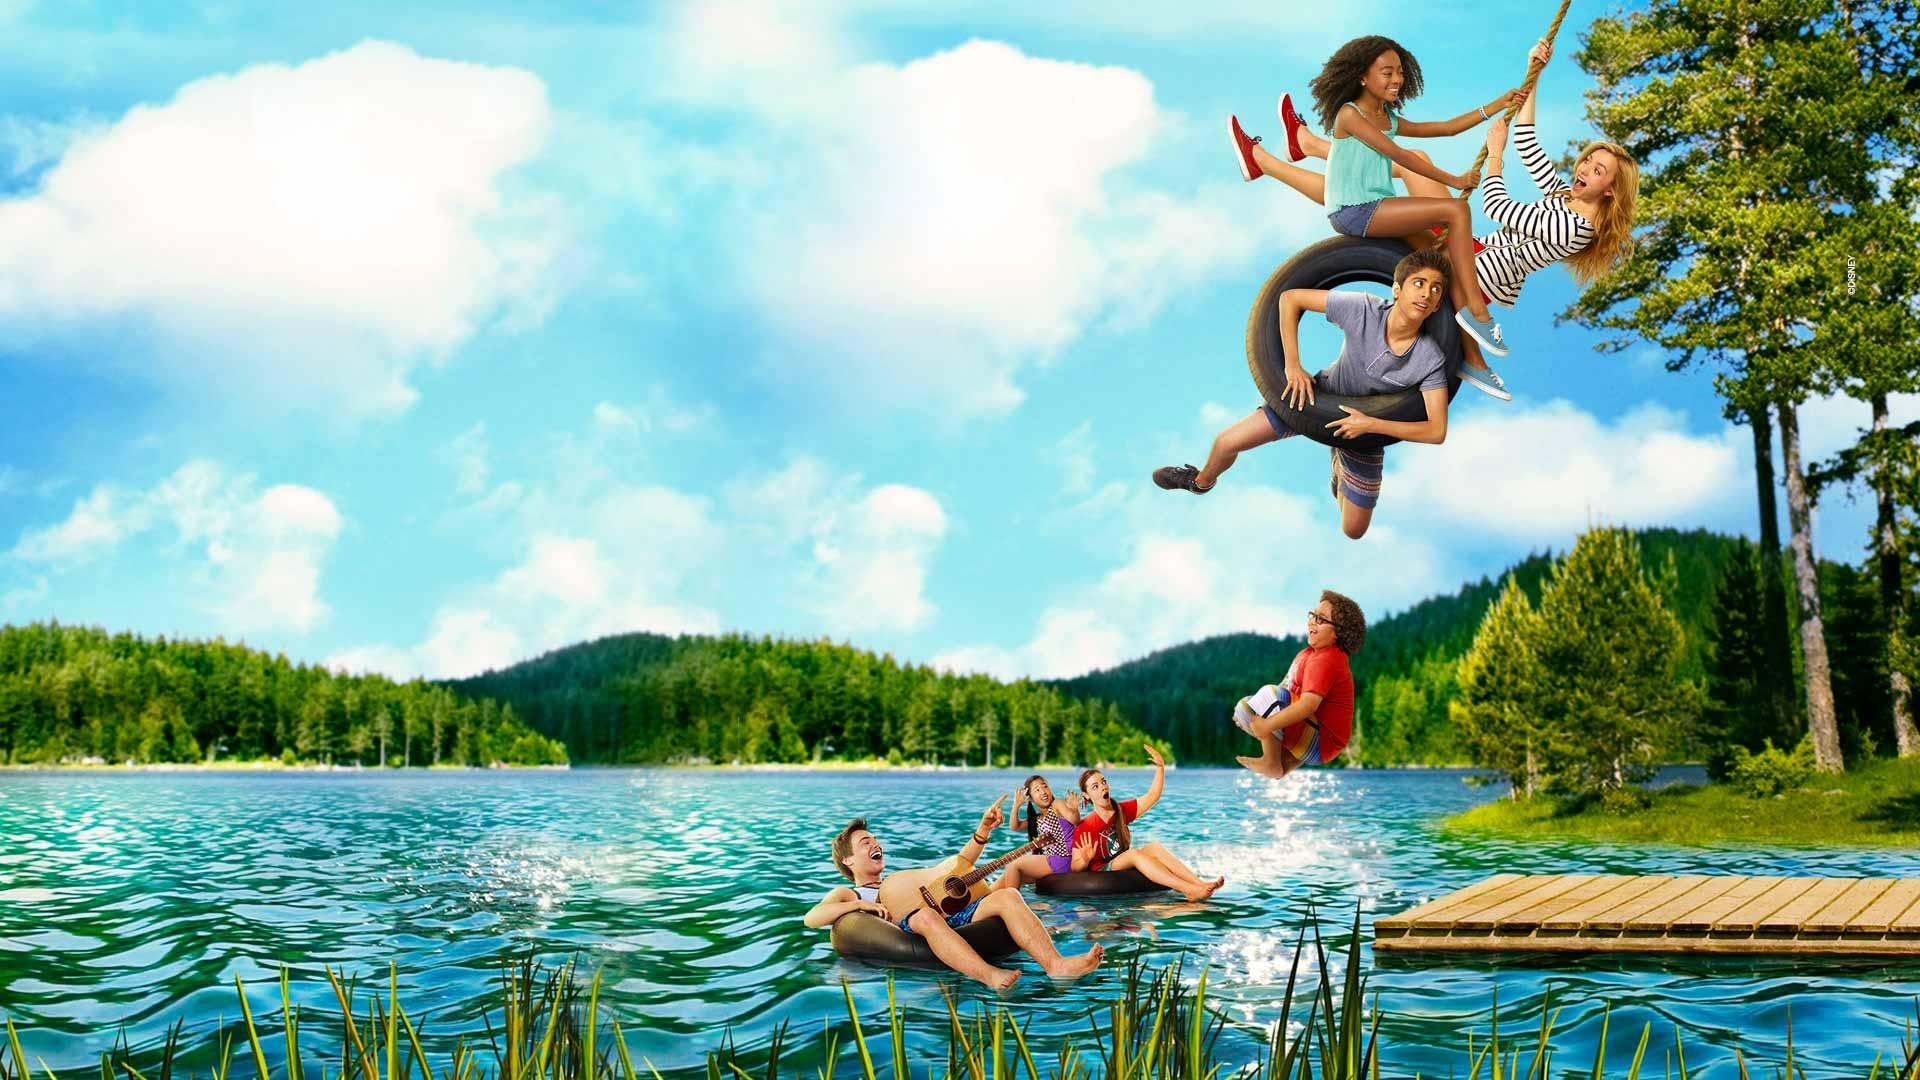 Deejay TV Summer Camp